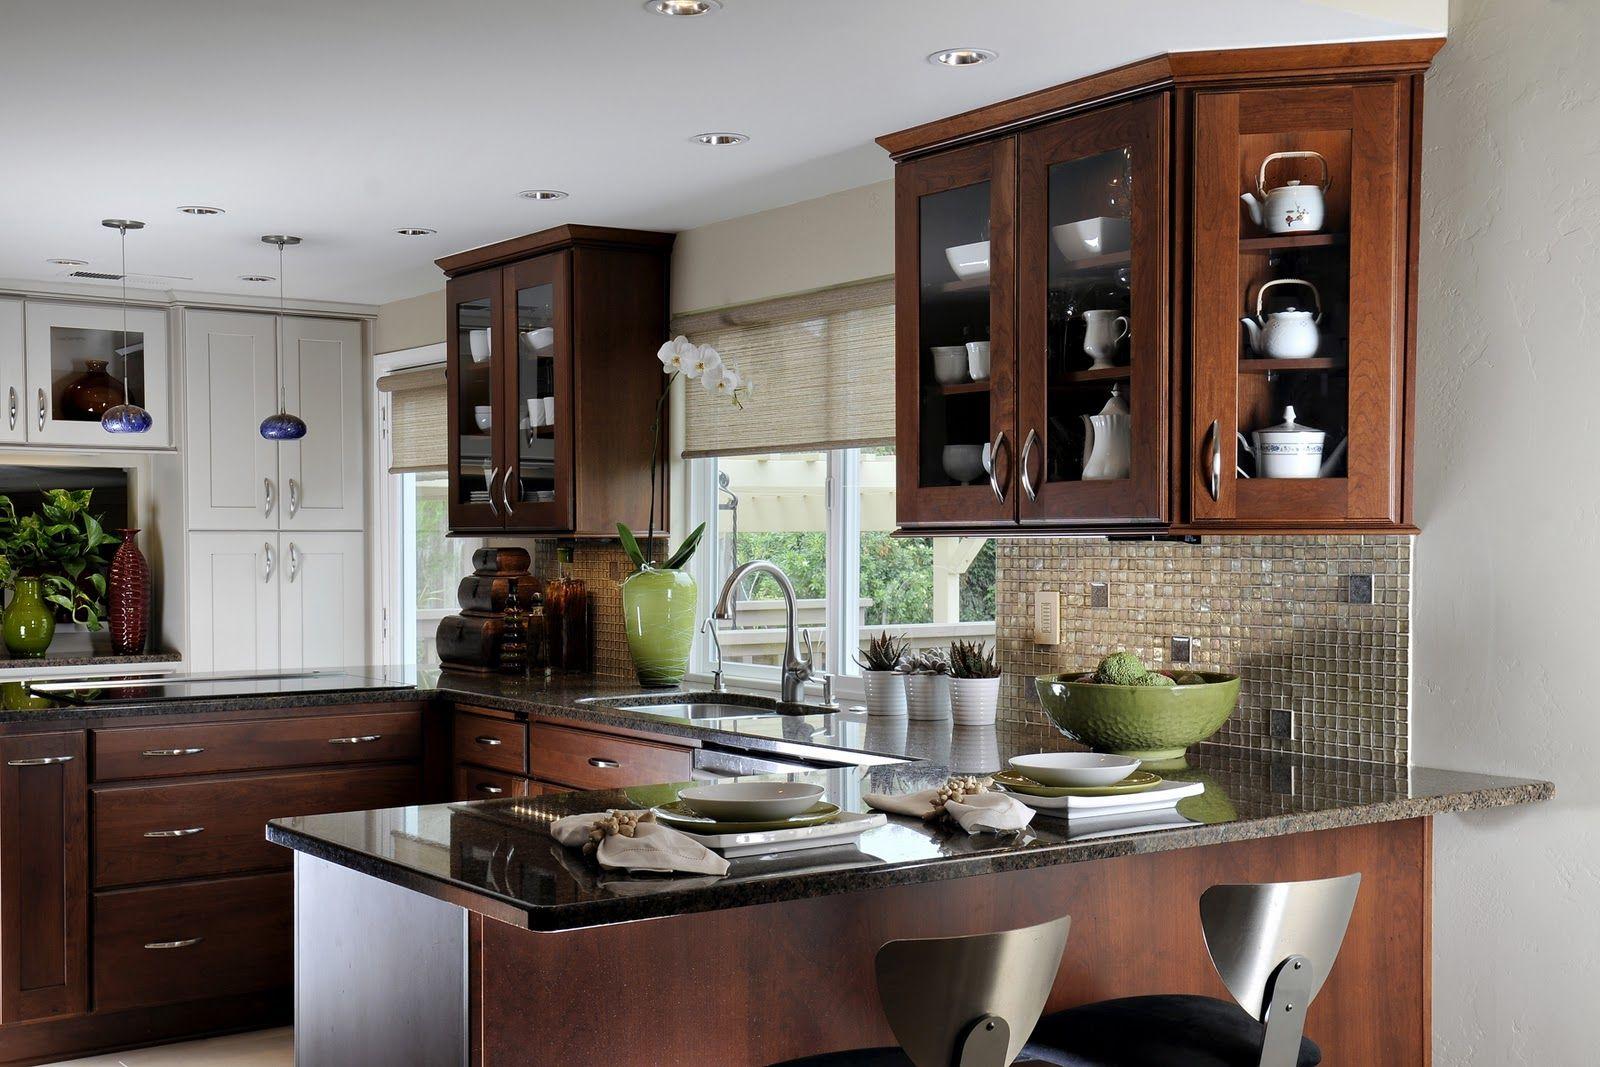 """Uno de los modelos de cocinas más cómodos, es sin lugar a dudas, la cocina en U. Las cocinas en """"U"""" son muy funcionales, ya que permiten una gran movilidad sin tener prácticamente que desplazarse. En esta cocina, se aprovechan las tres paredes contiguas, por lo que el espacio está usado en su máximo potencial, permitiendo que …"""